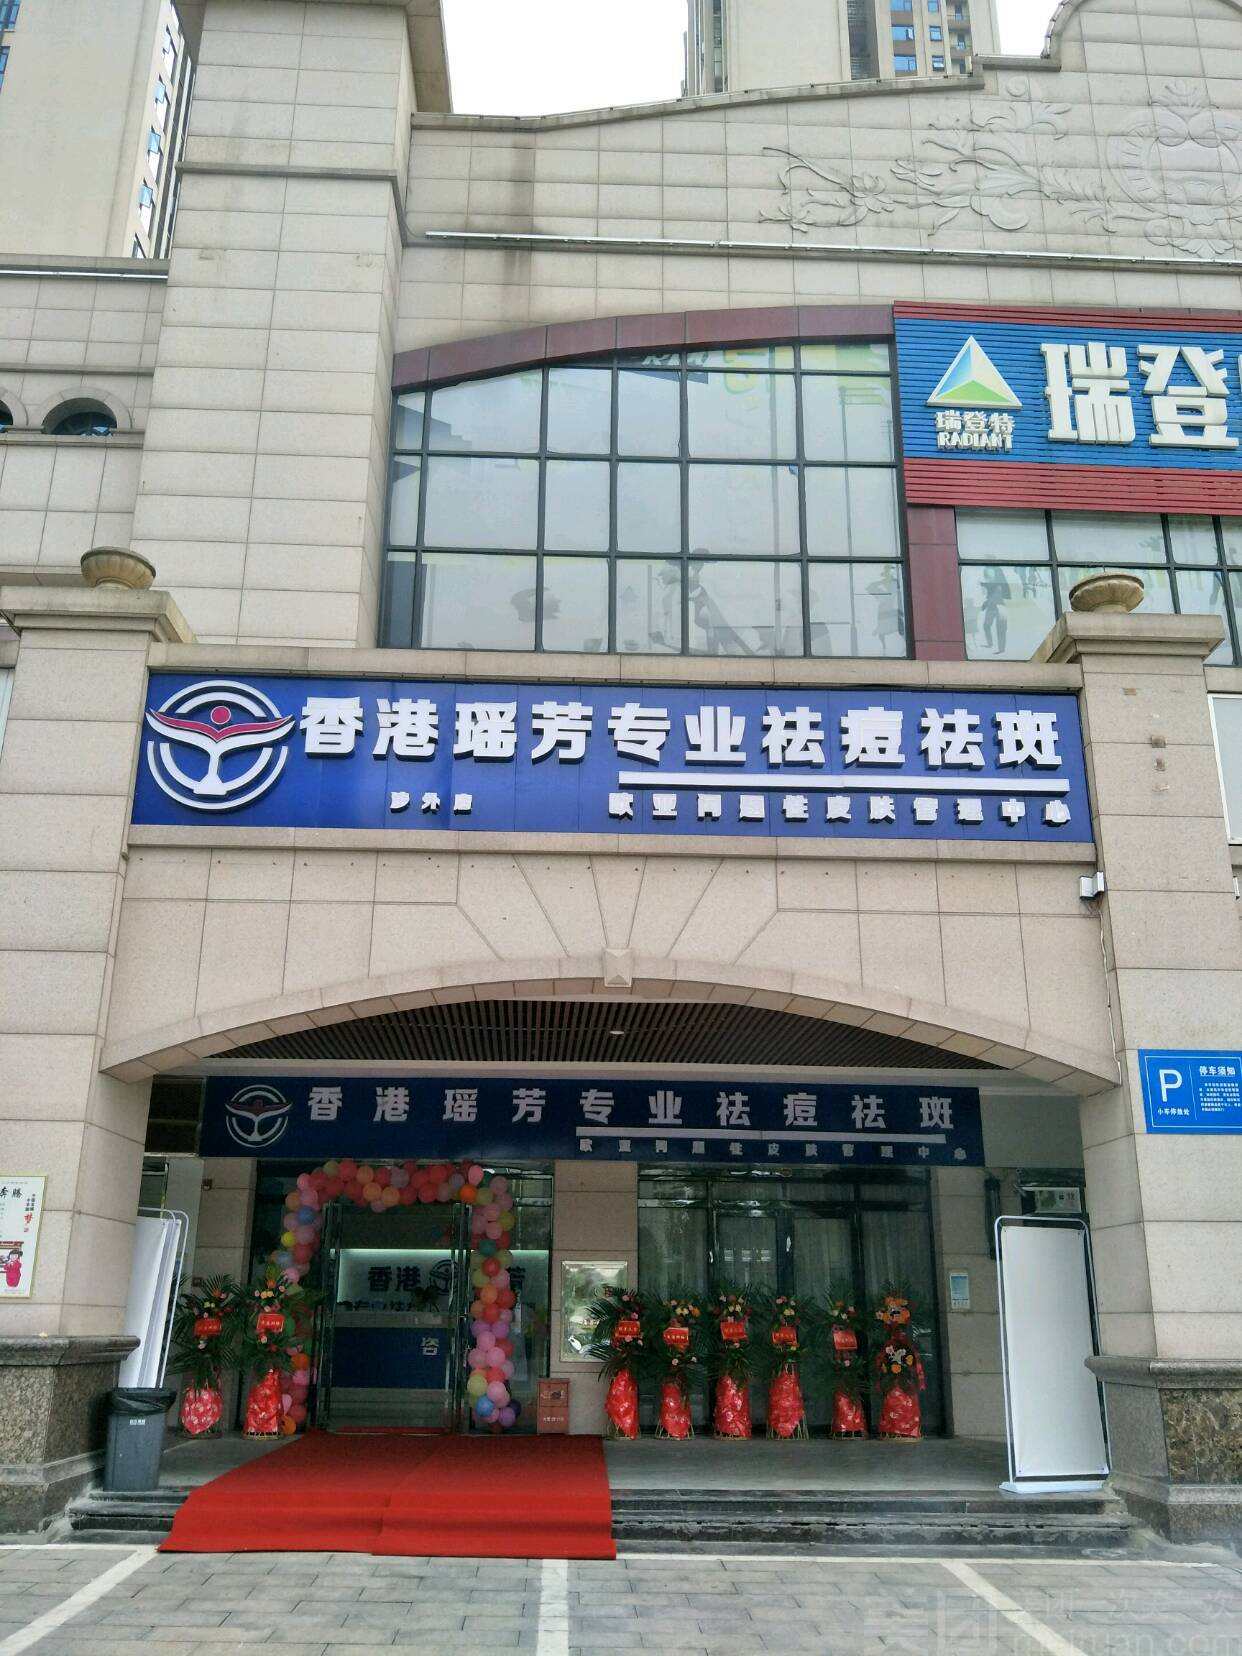 :长沙今日钱柜娱乐官网:【香港瑶芳专业祛痘祛斑】港式补水套餐